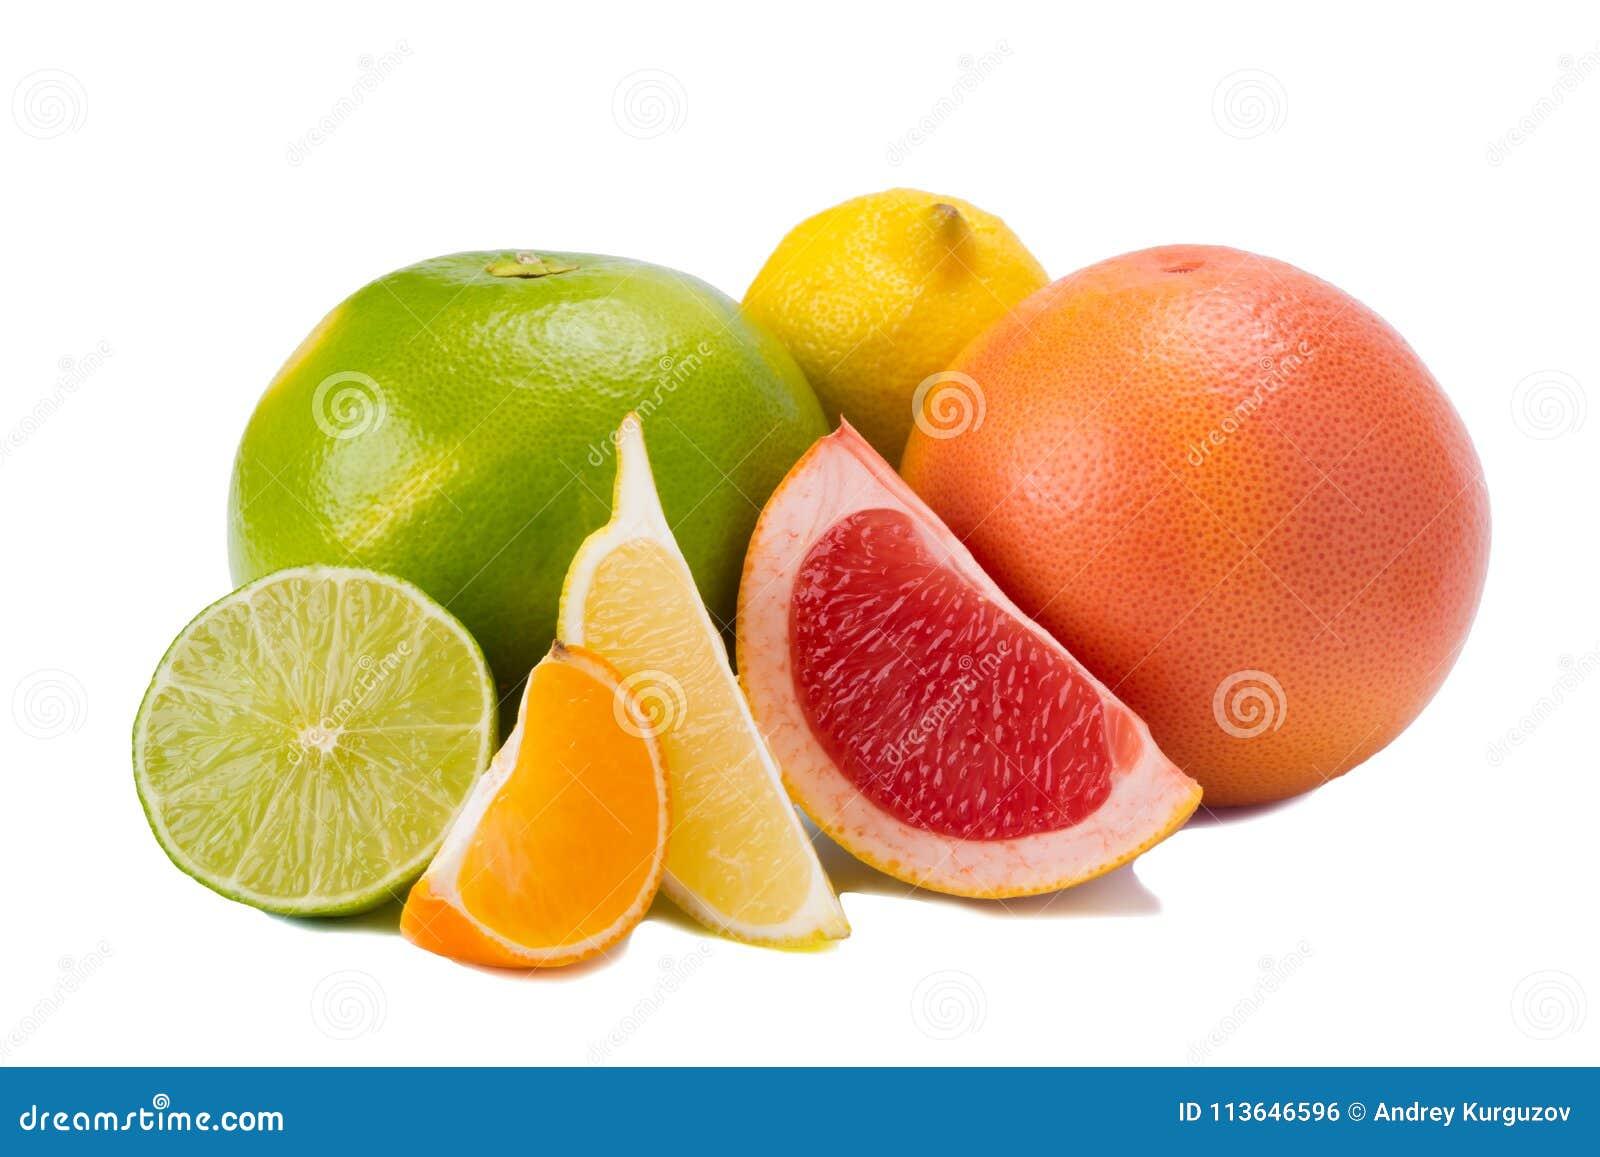 Colori differenti degli agrumi, con vitamina C su fondo bianco